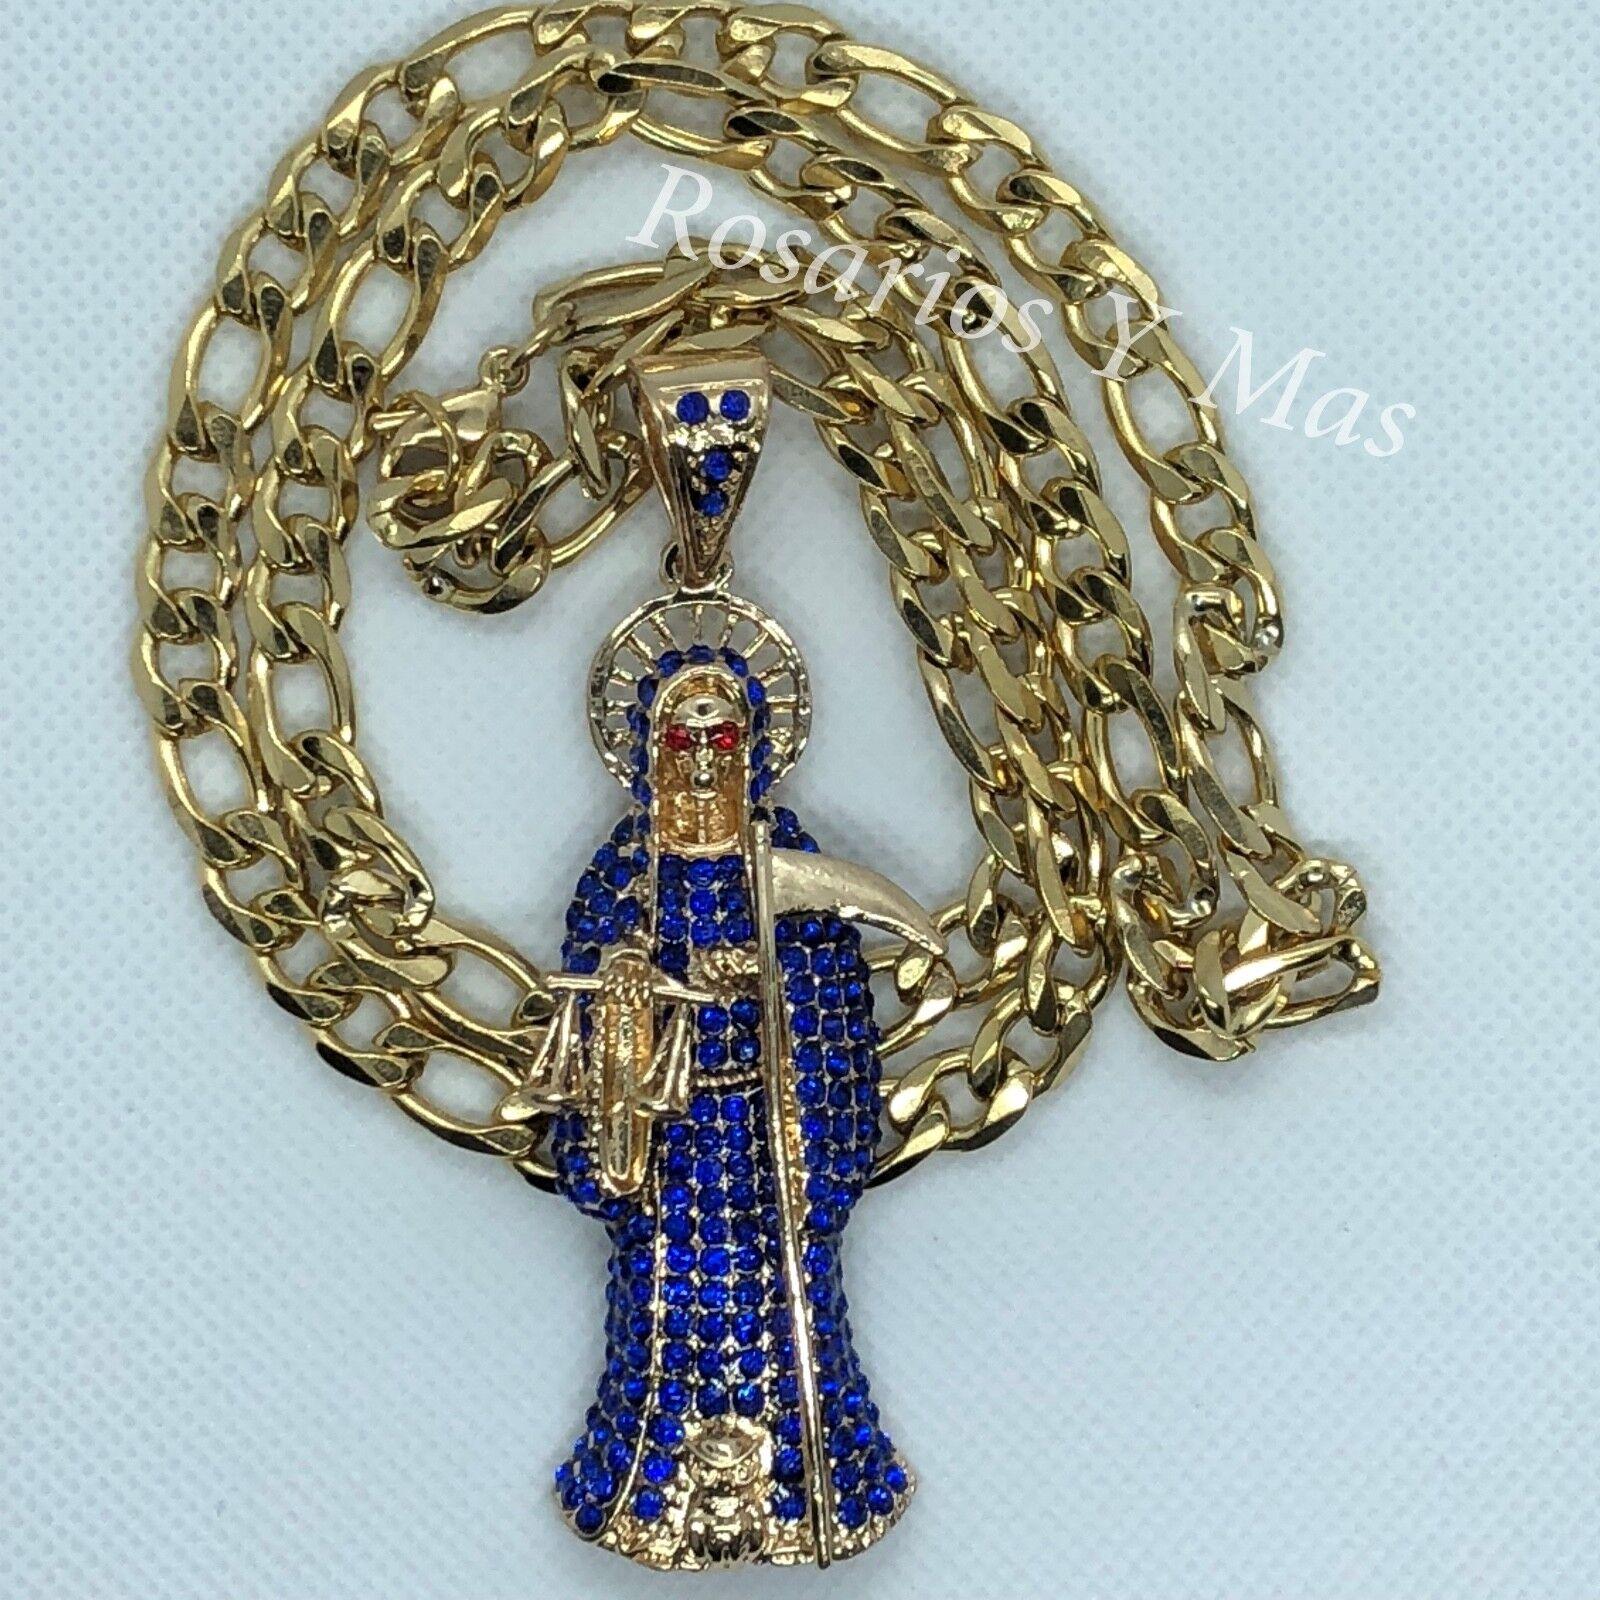 Santa Muerte bluee gold Laminado Medalla con Cadena de 26  Nuevo Piedra